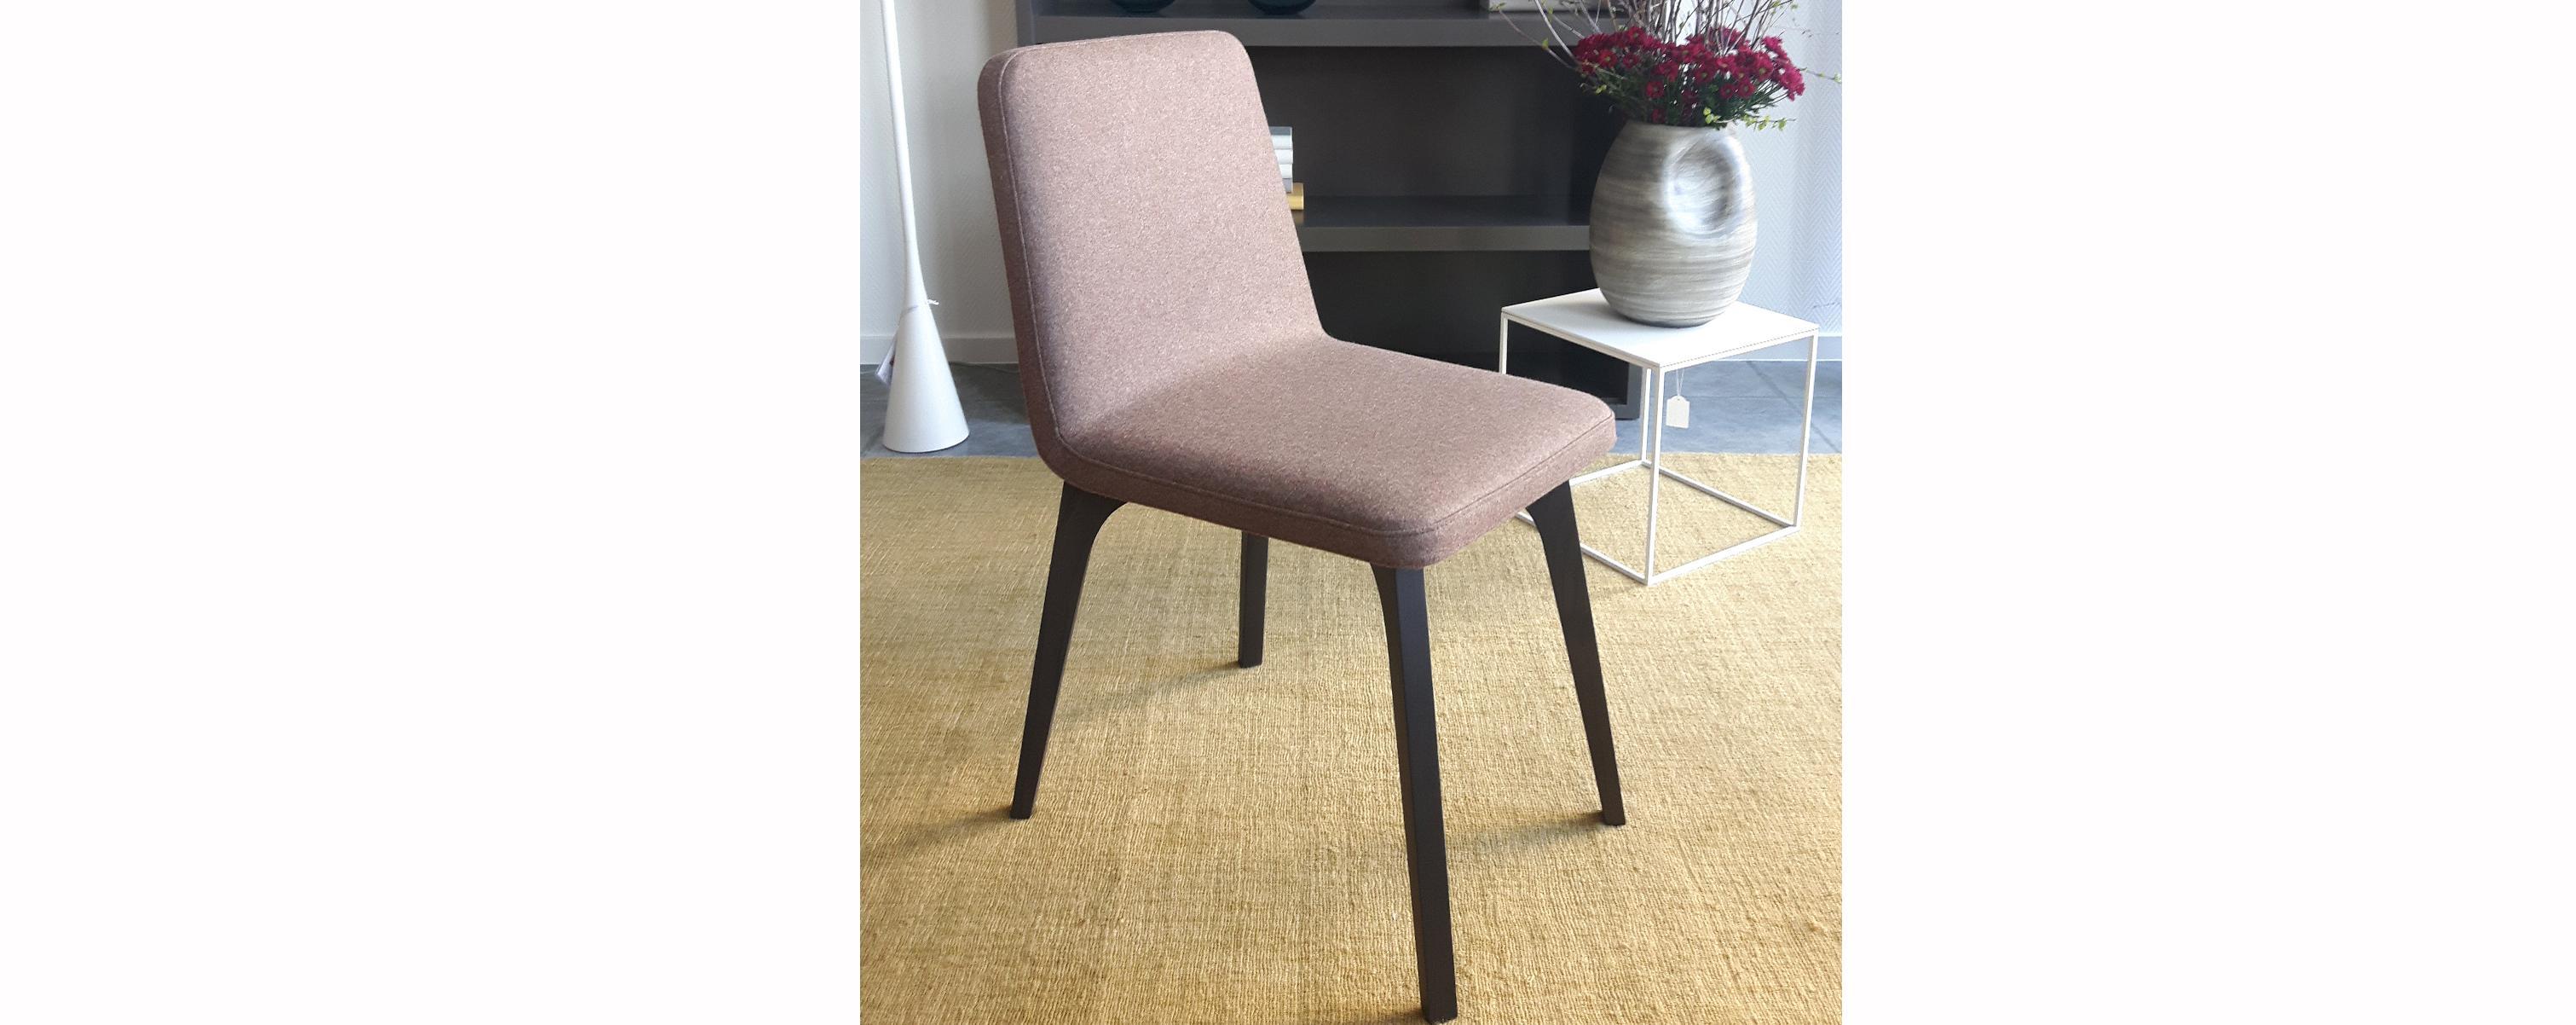 Möbelgeschäfte In Essen ligne roset l hochwertige designmöbel